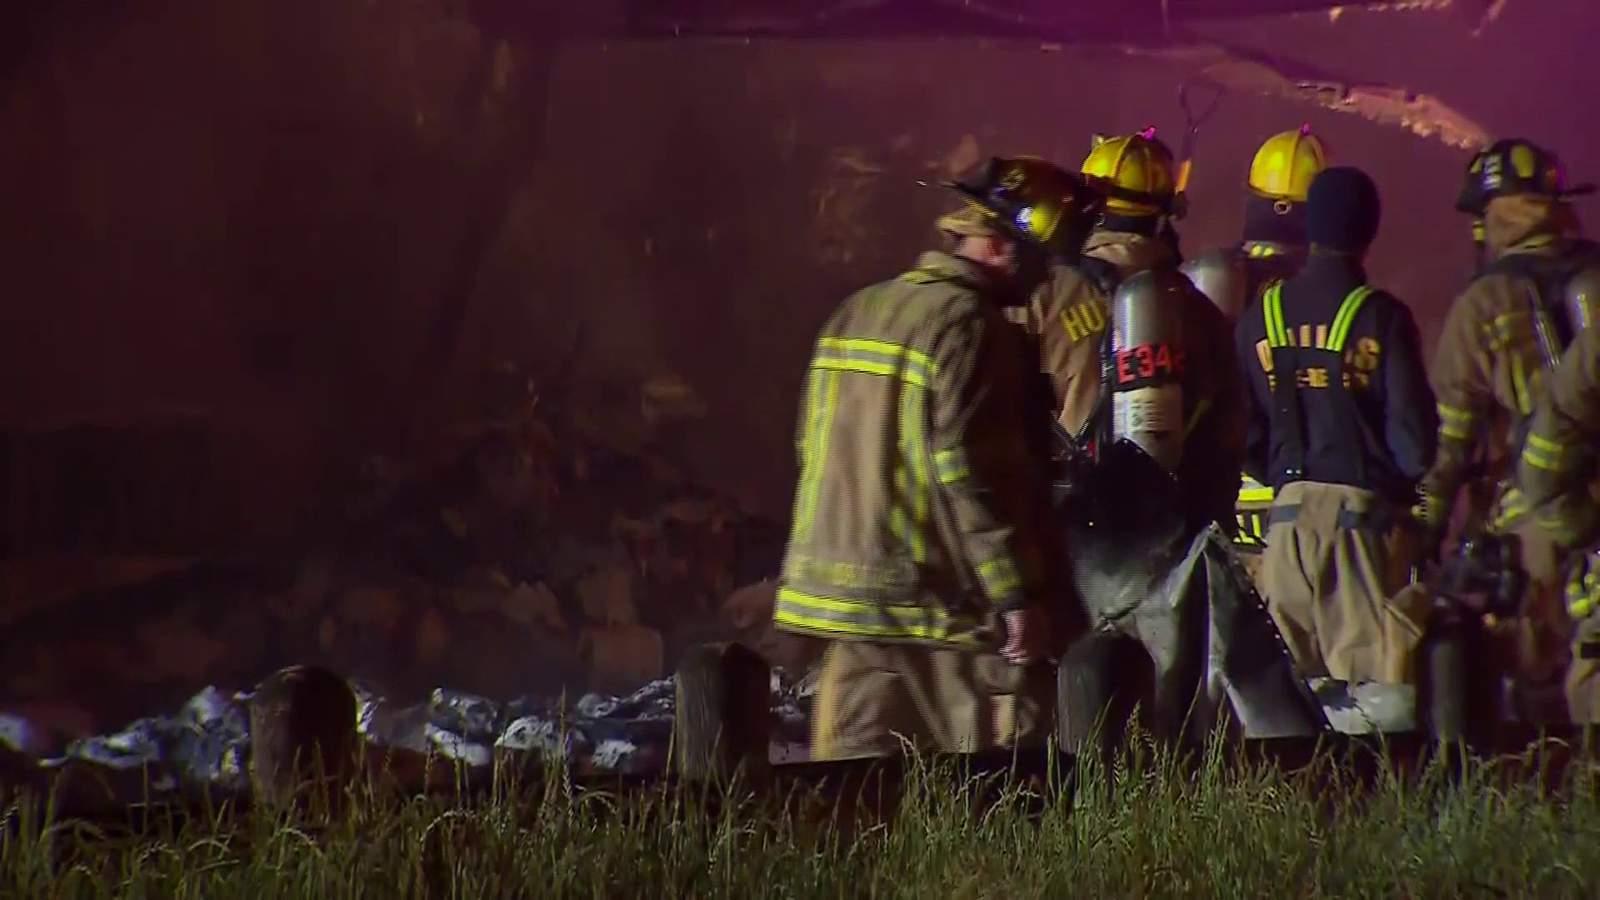 El papel higiénico que se dirige a San Antonio se quema en el incendio de la gran plataforma del condado de Dallas 8